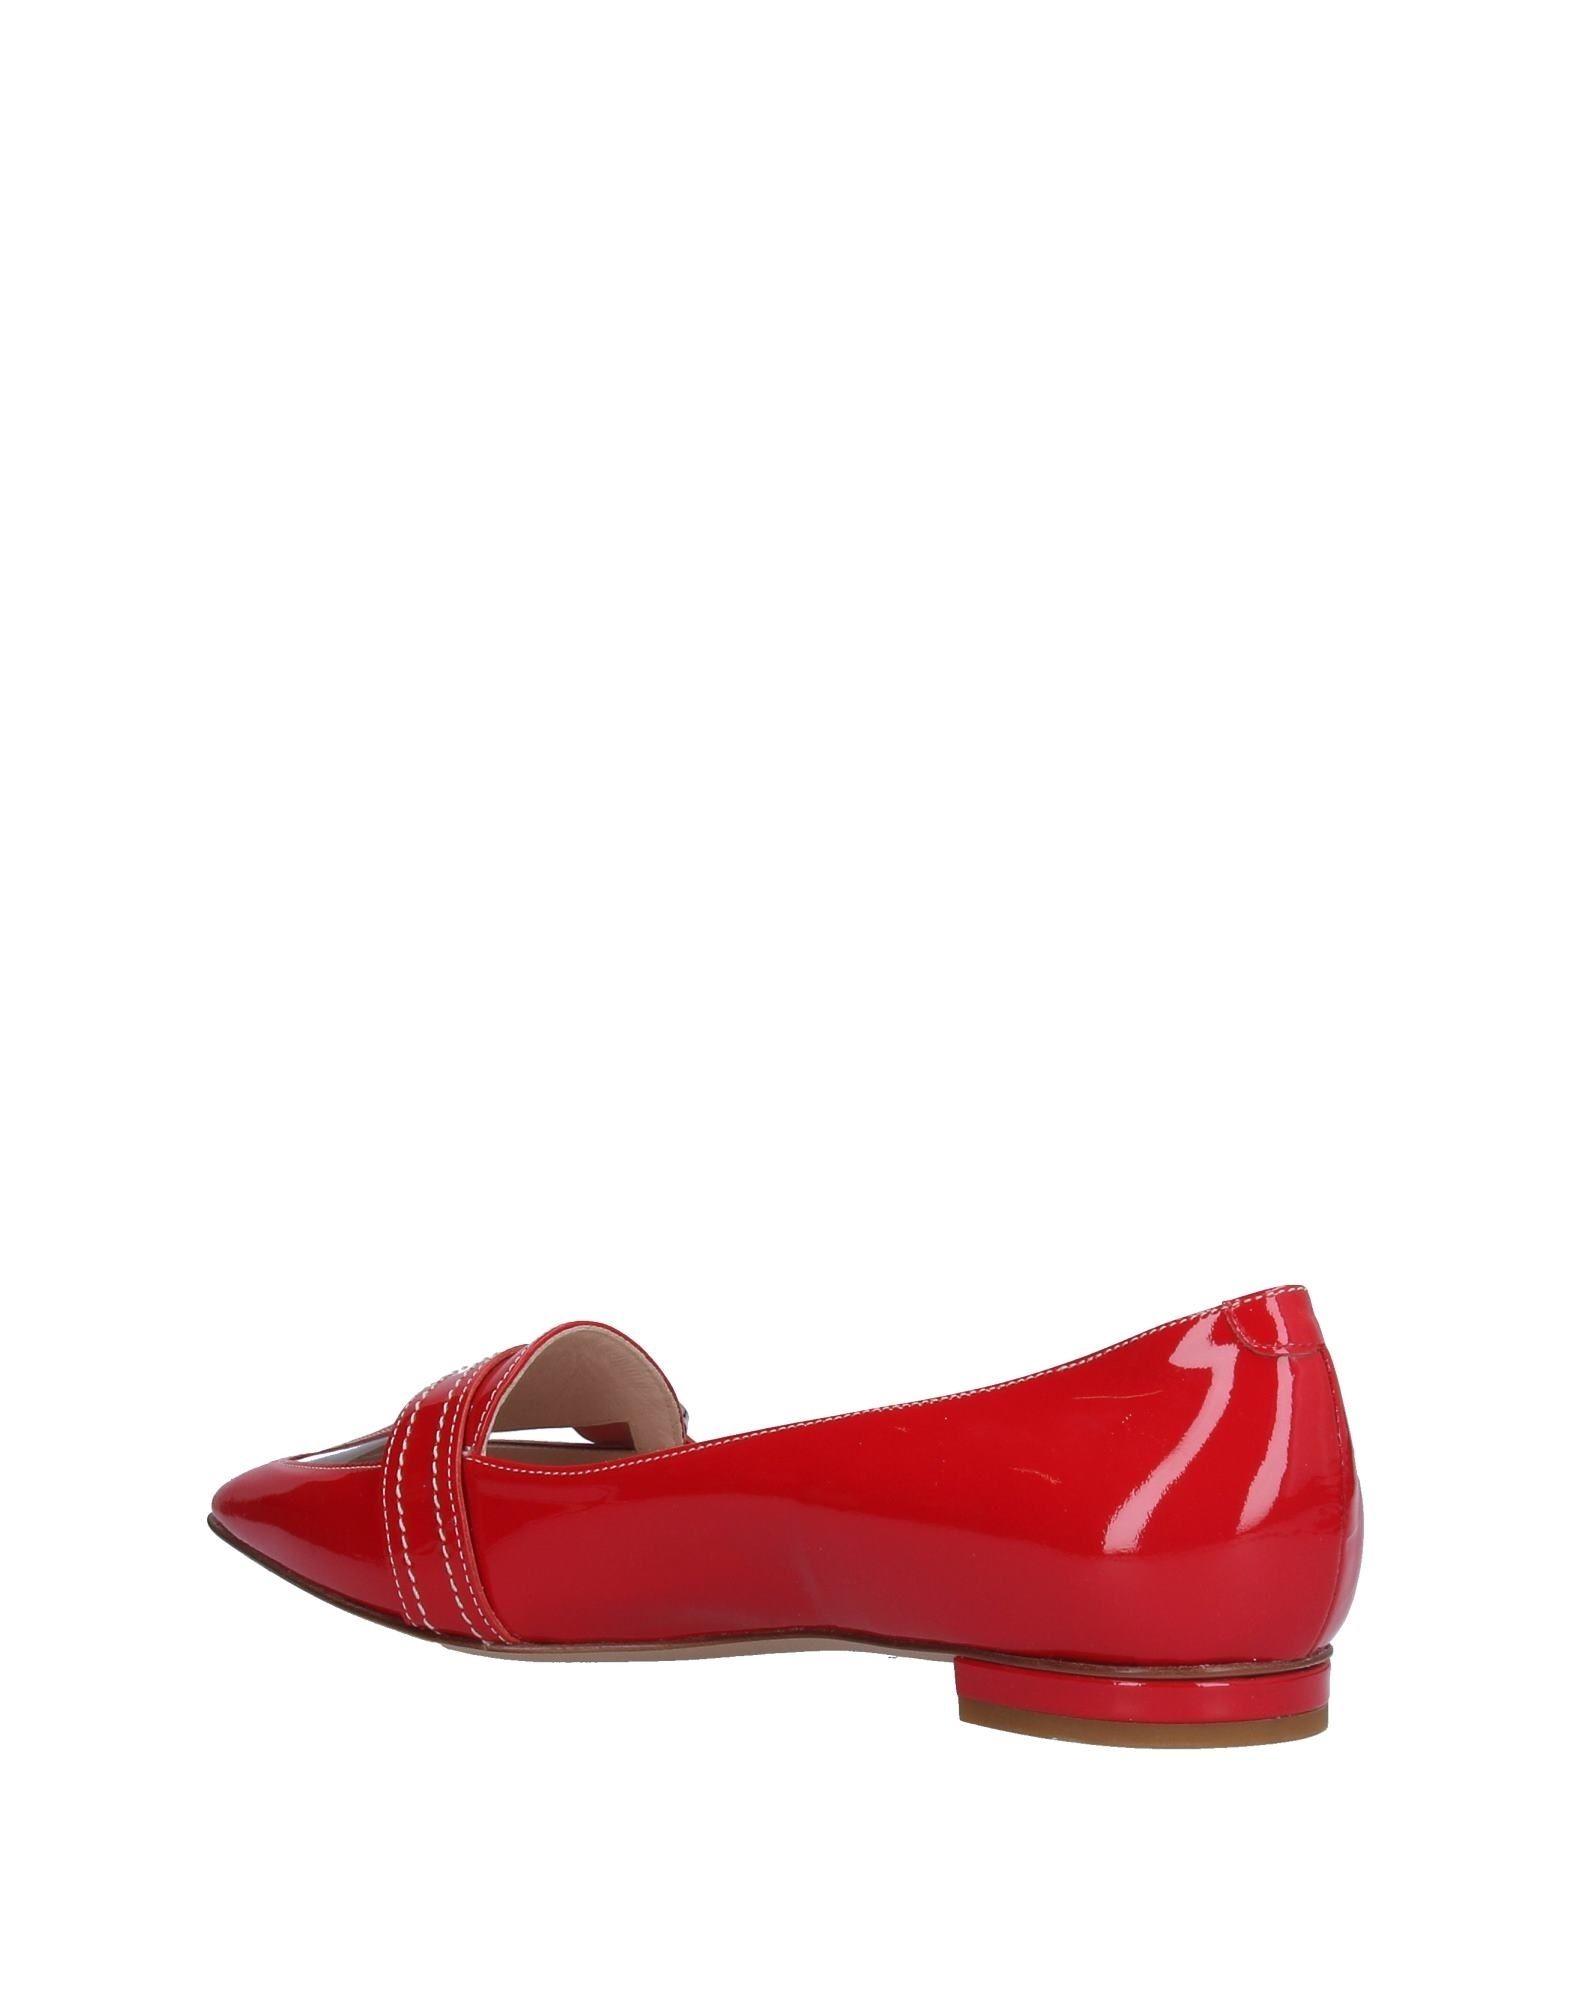 Gut Rotta um billige Schuhe zu tragenGuglielmo Rotta Gut Mokassins Damen  11215367JS b20e31